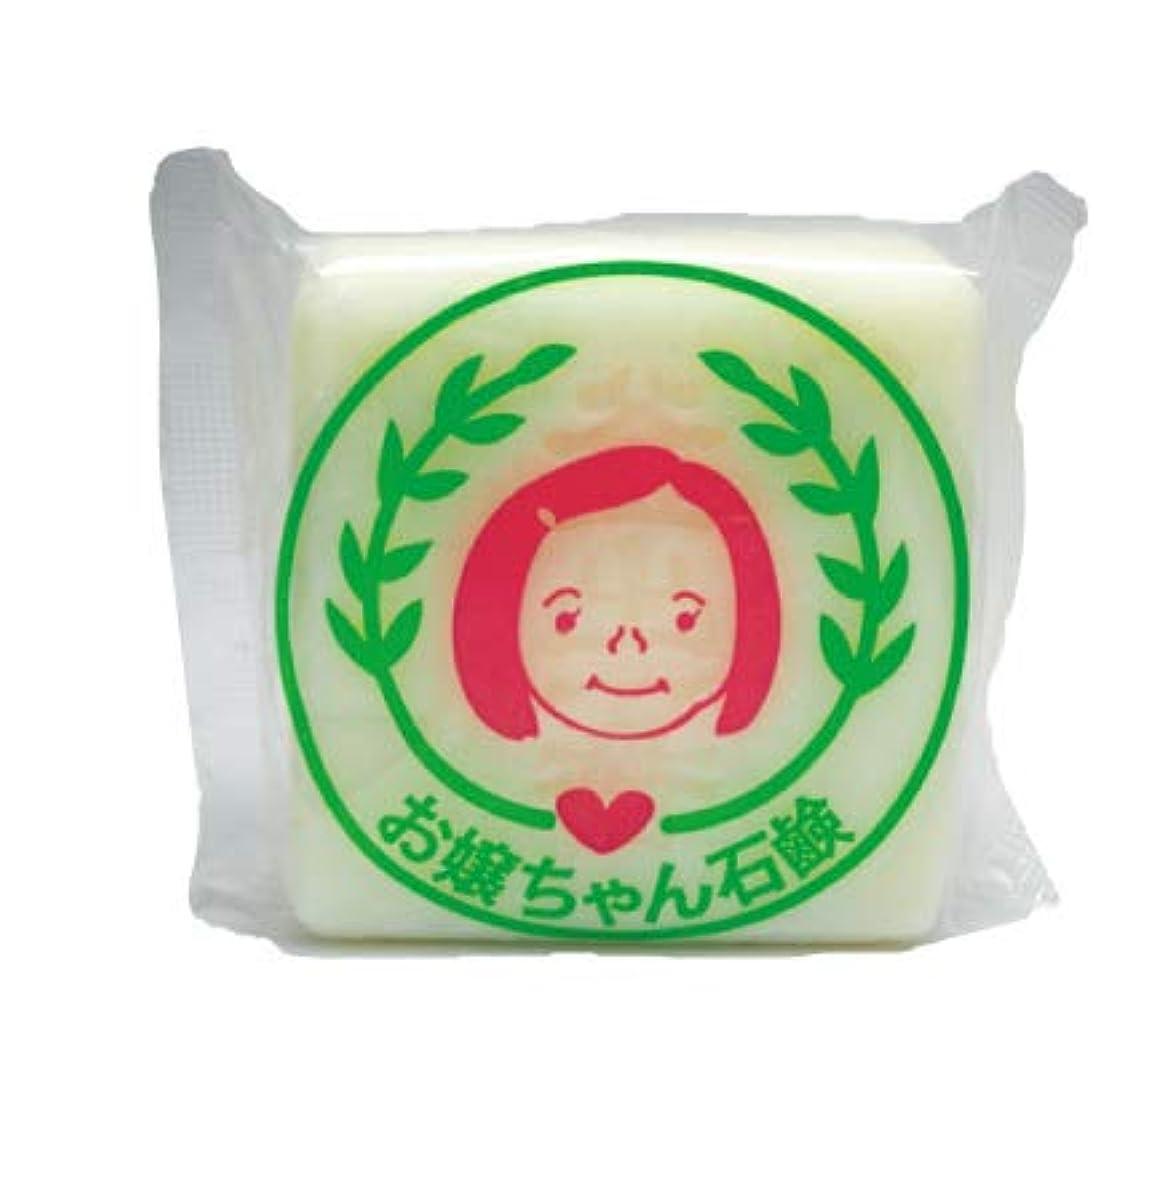 フェンスおそらく領収書新しいお嬢ちゃん石鹸(100g)